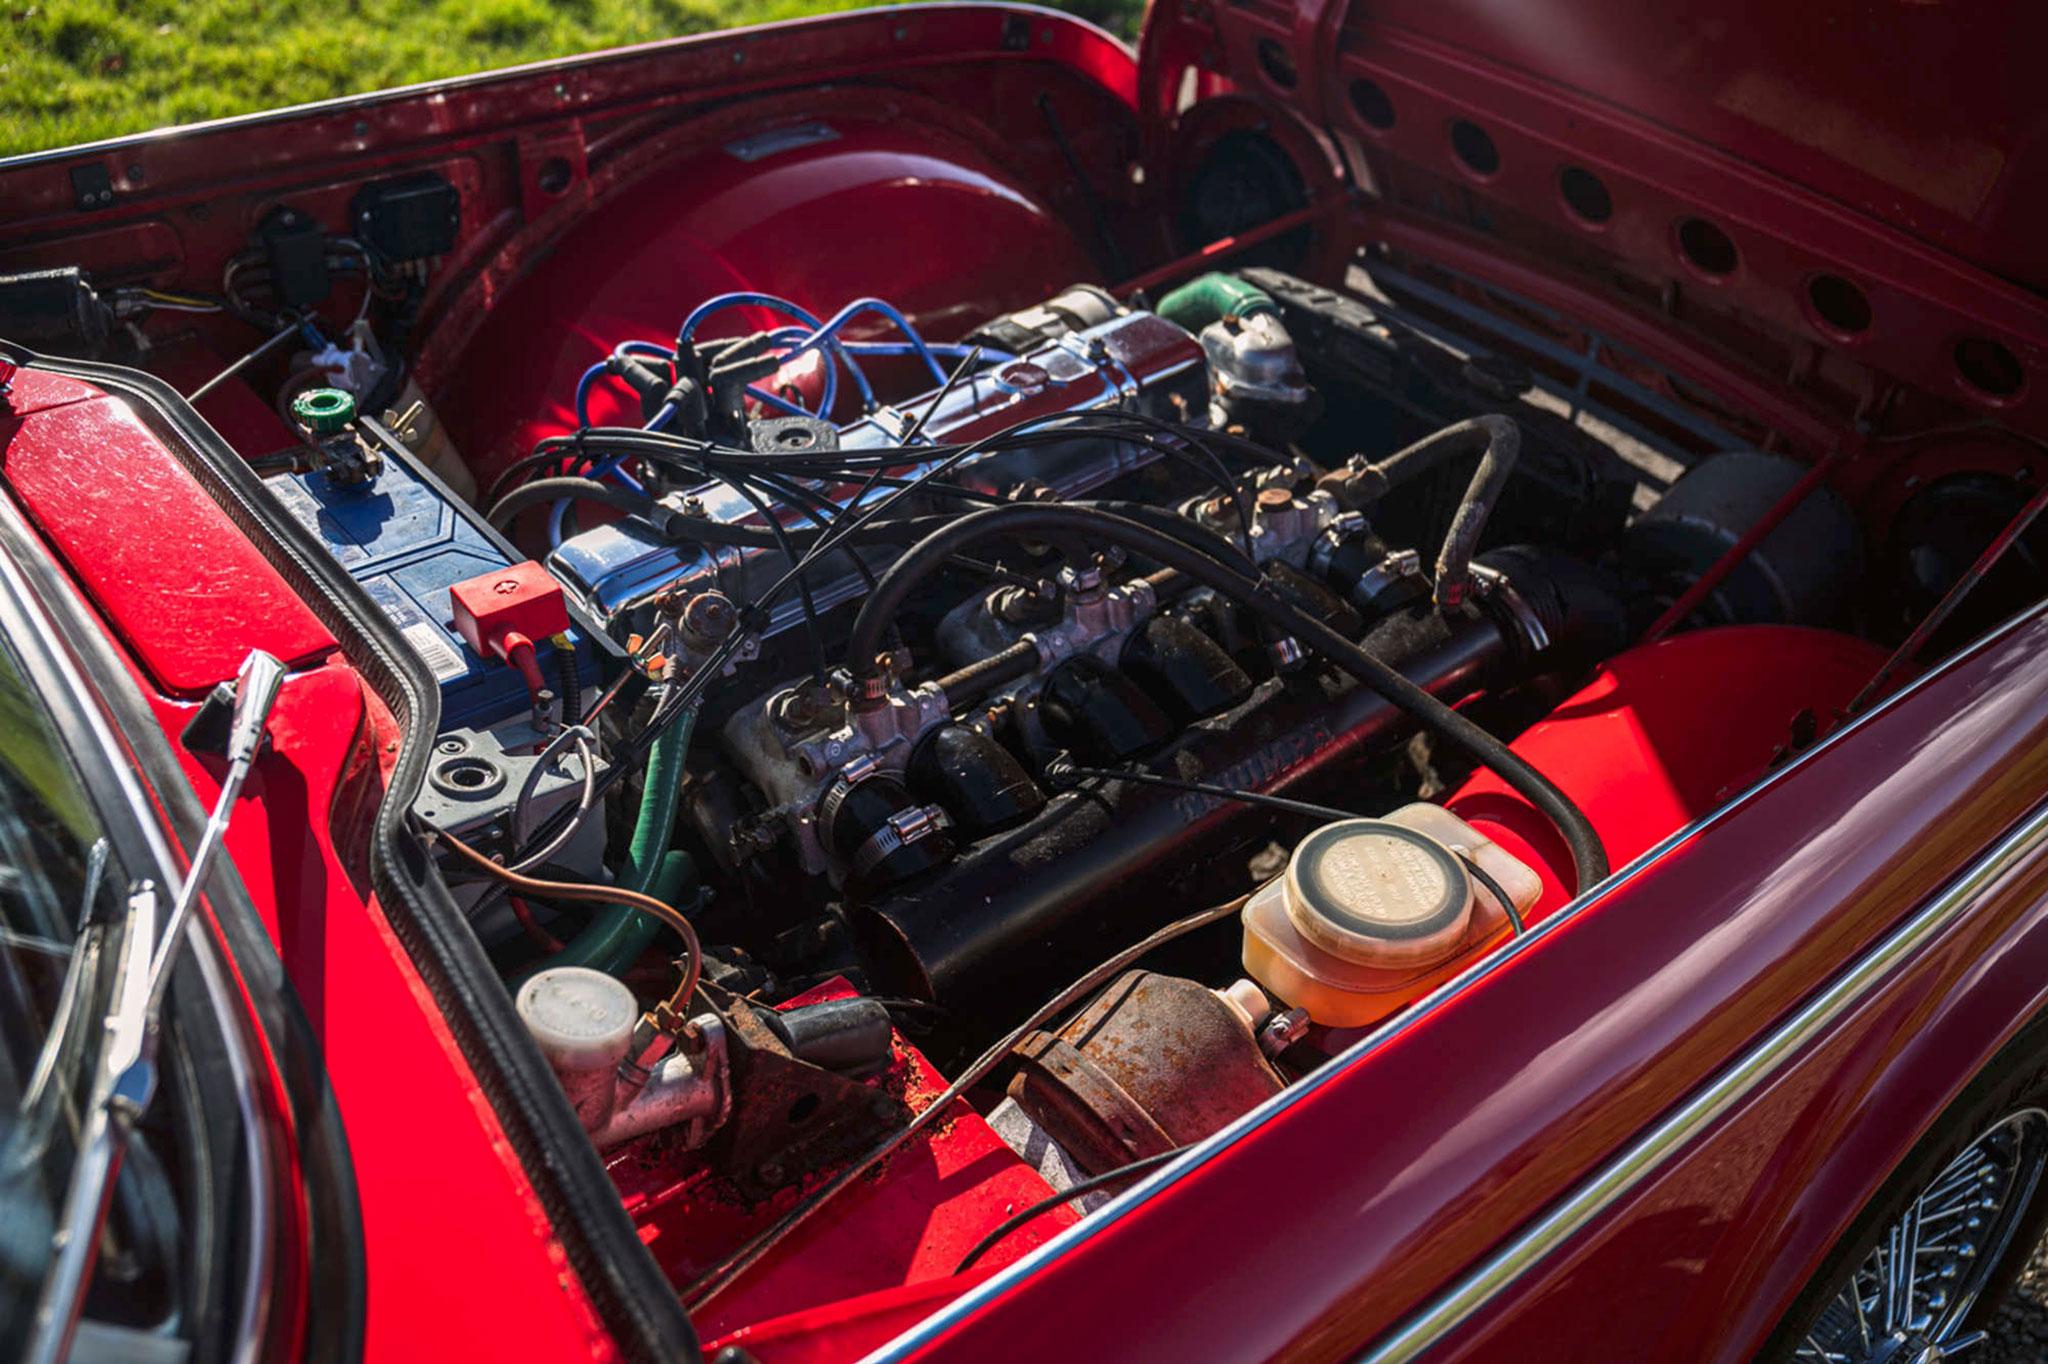 1968 Triumph TR5 moteur 2.5-Litre 6 cylindres en ligne 150 chevaux